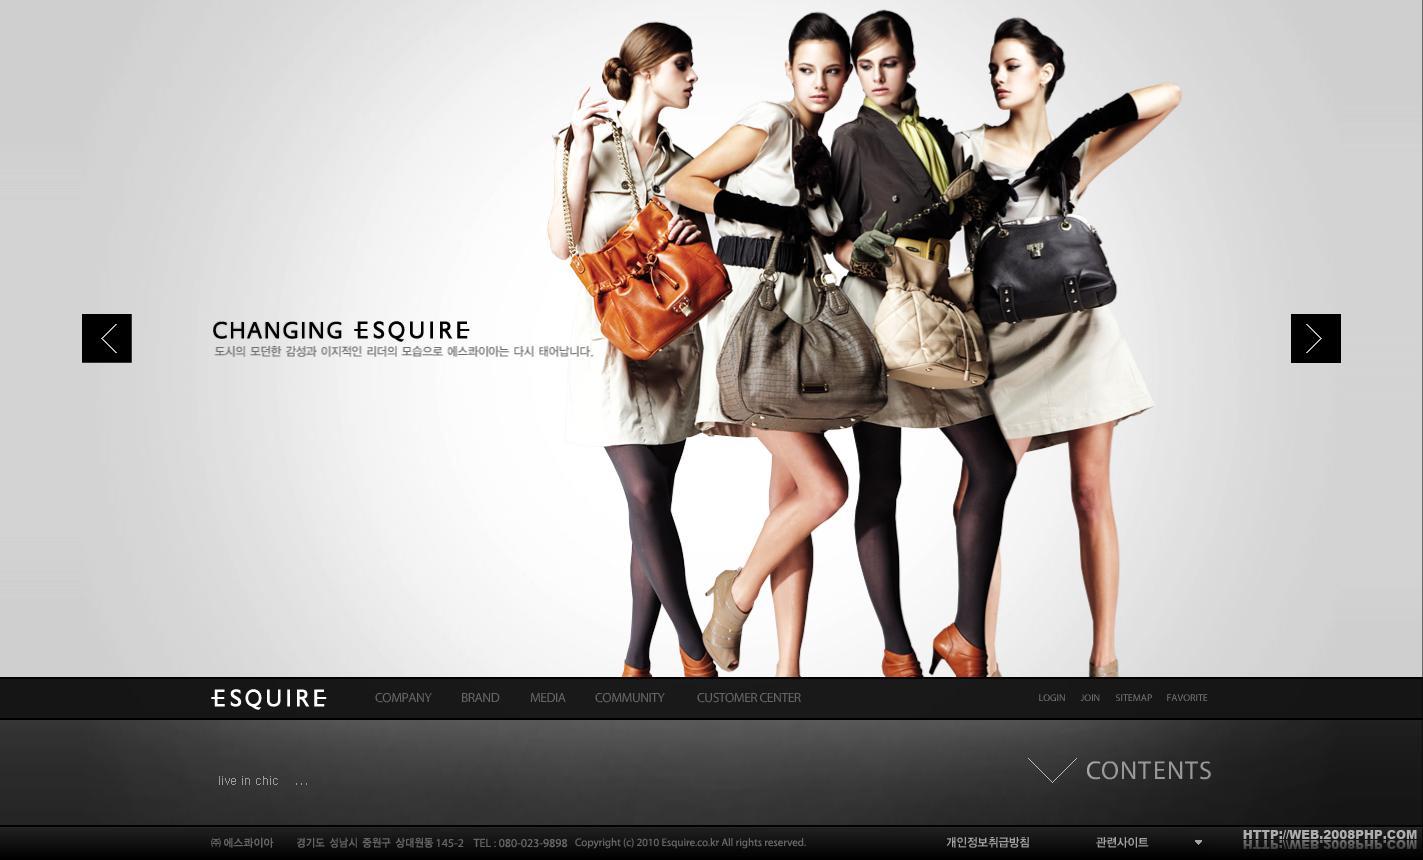 时尚衣服_韩国esquire时尚服饰服装网站时装